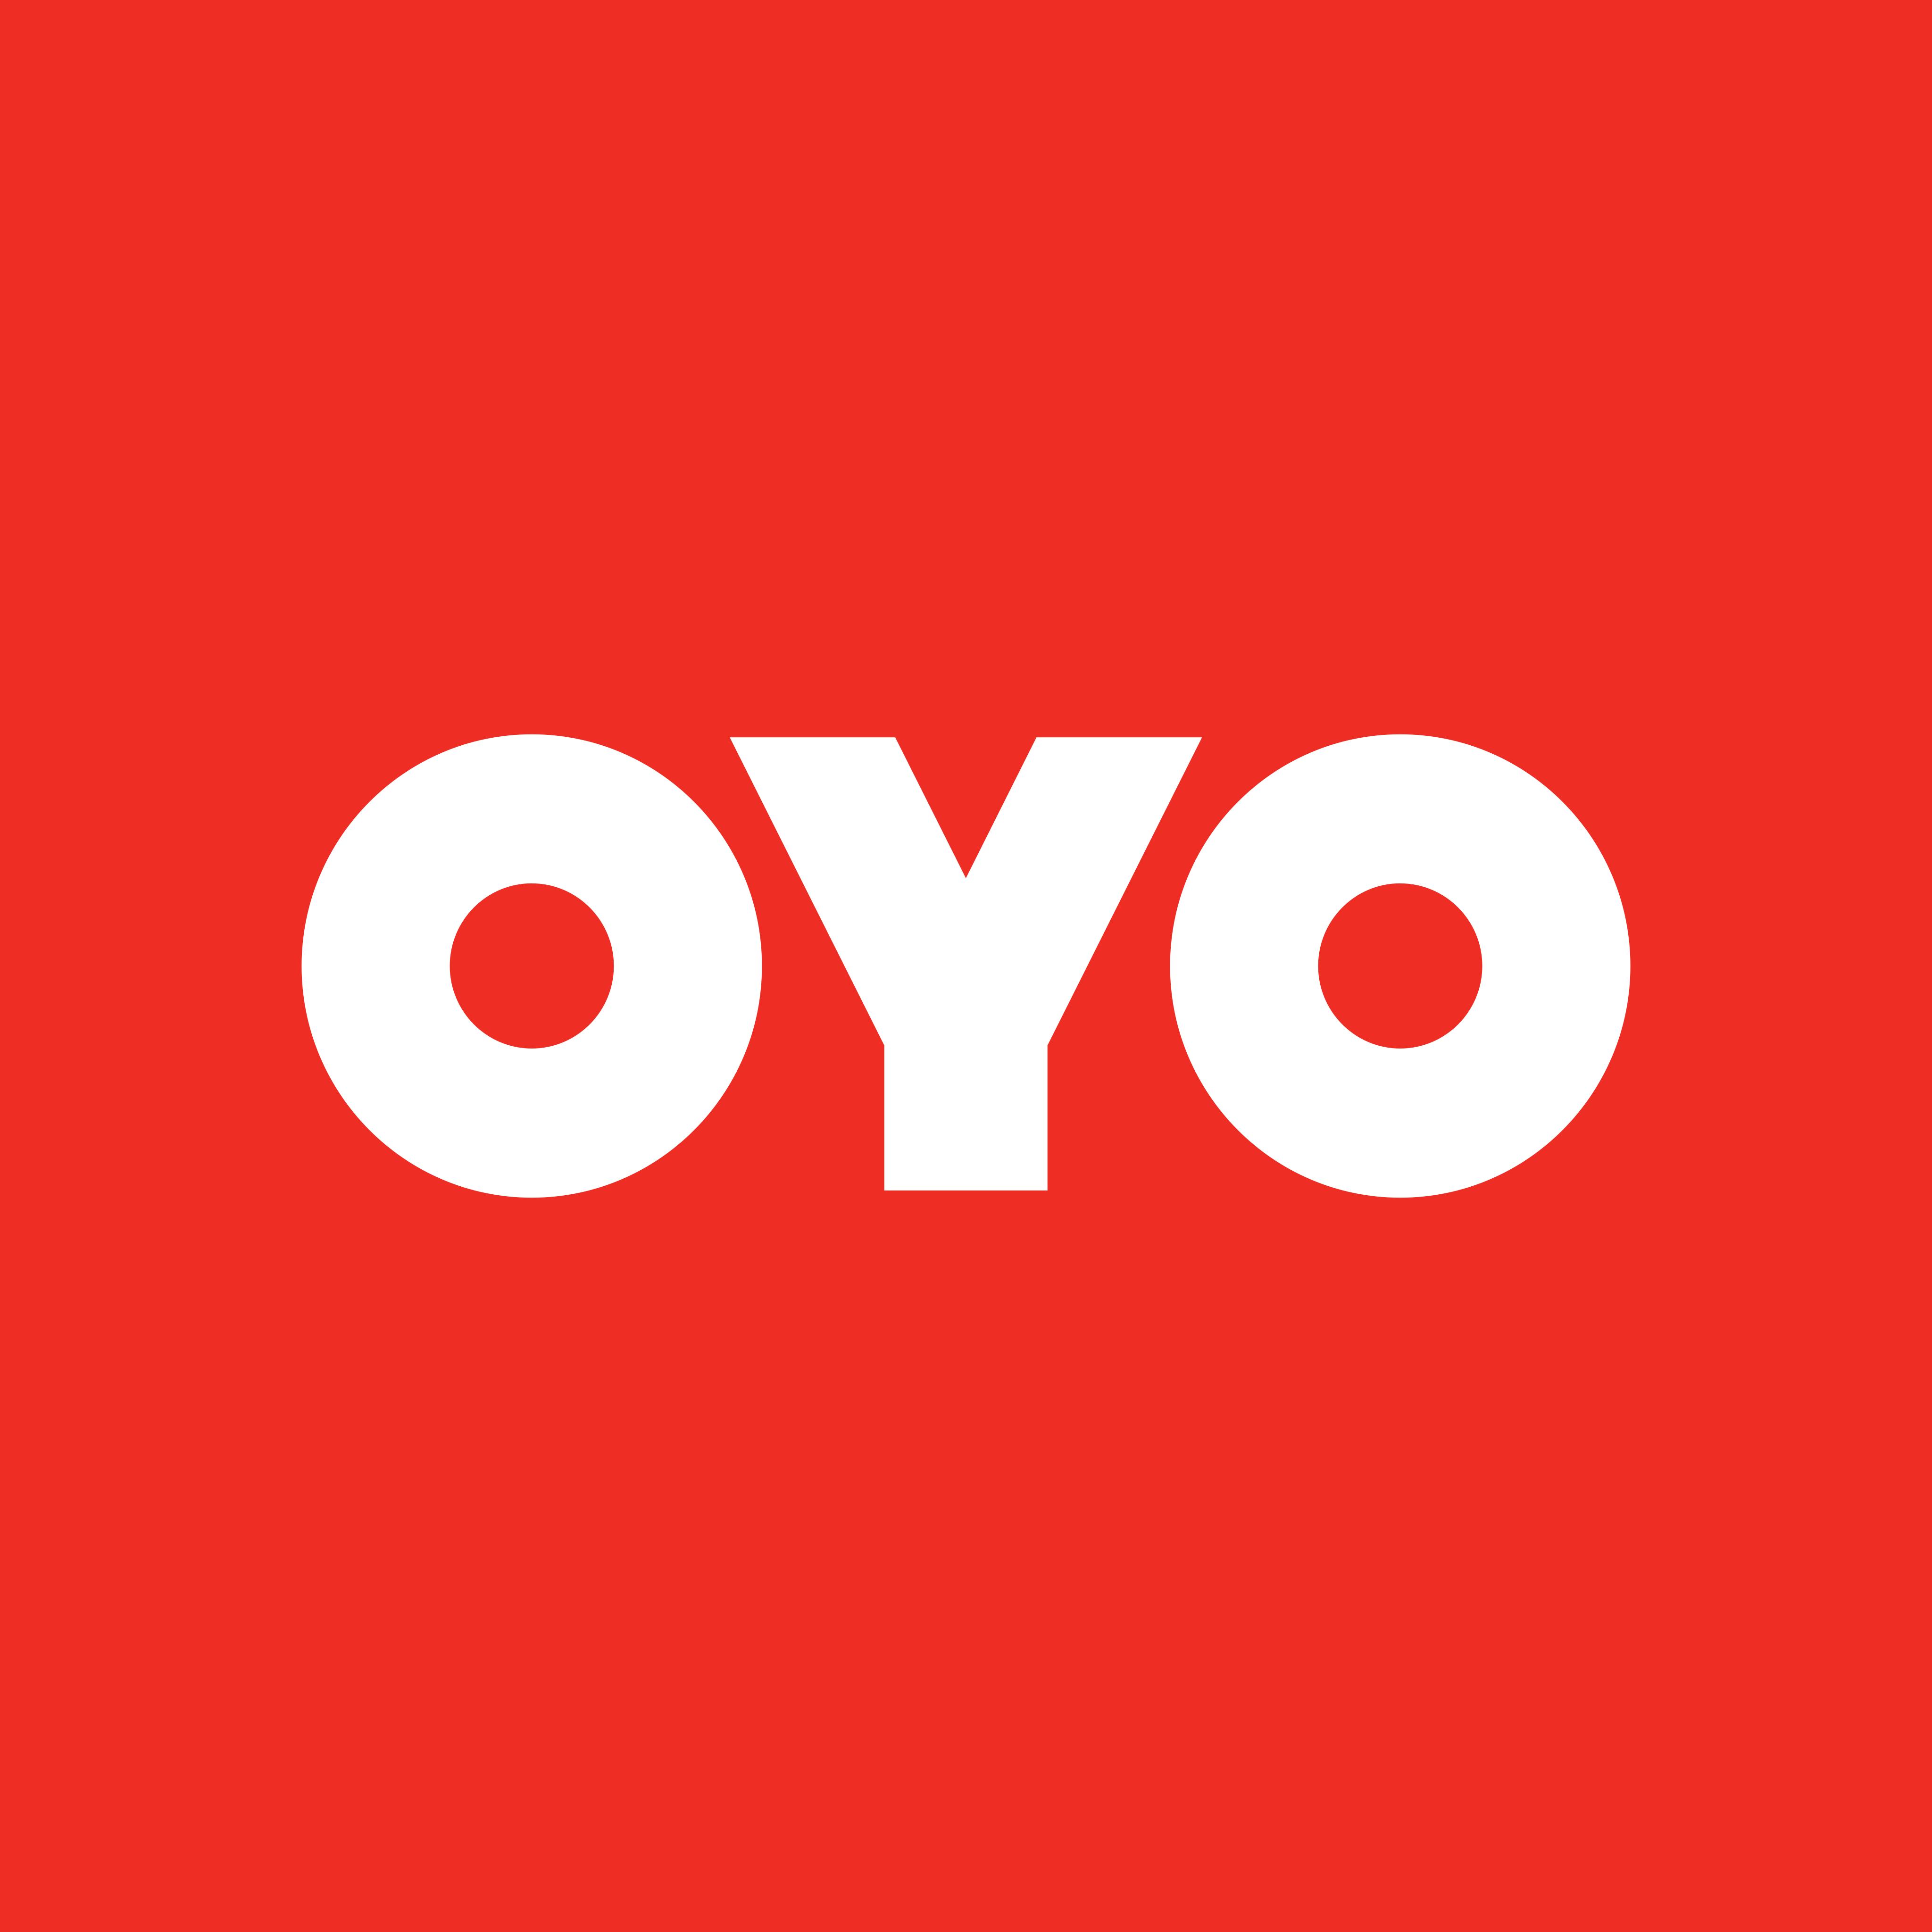 oyo logo - OYO Logo